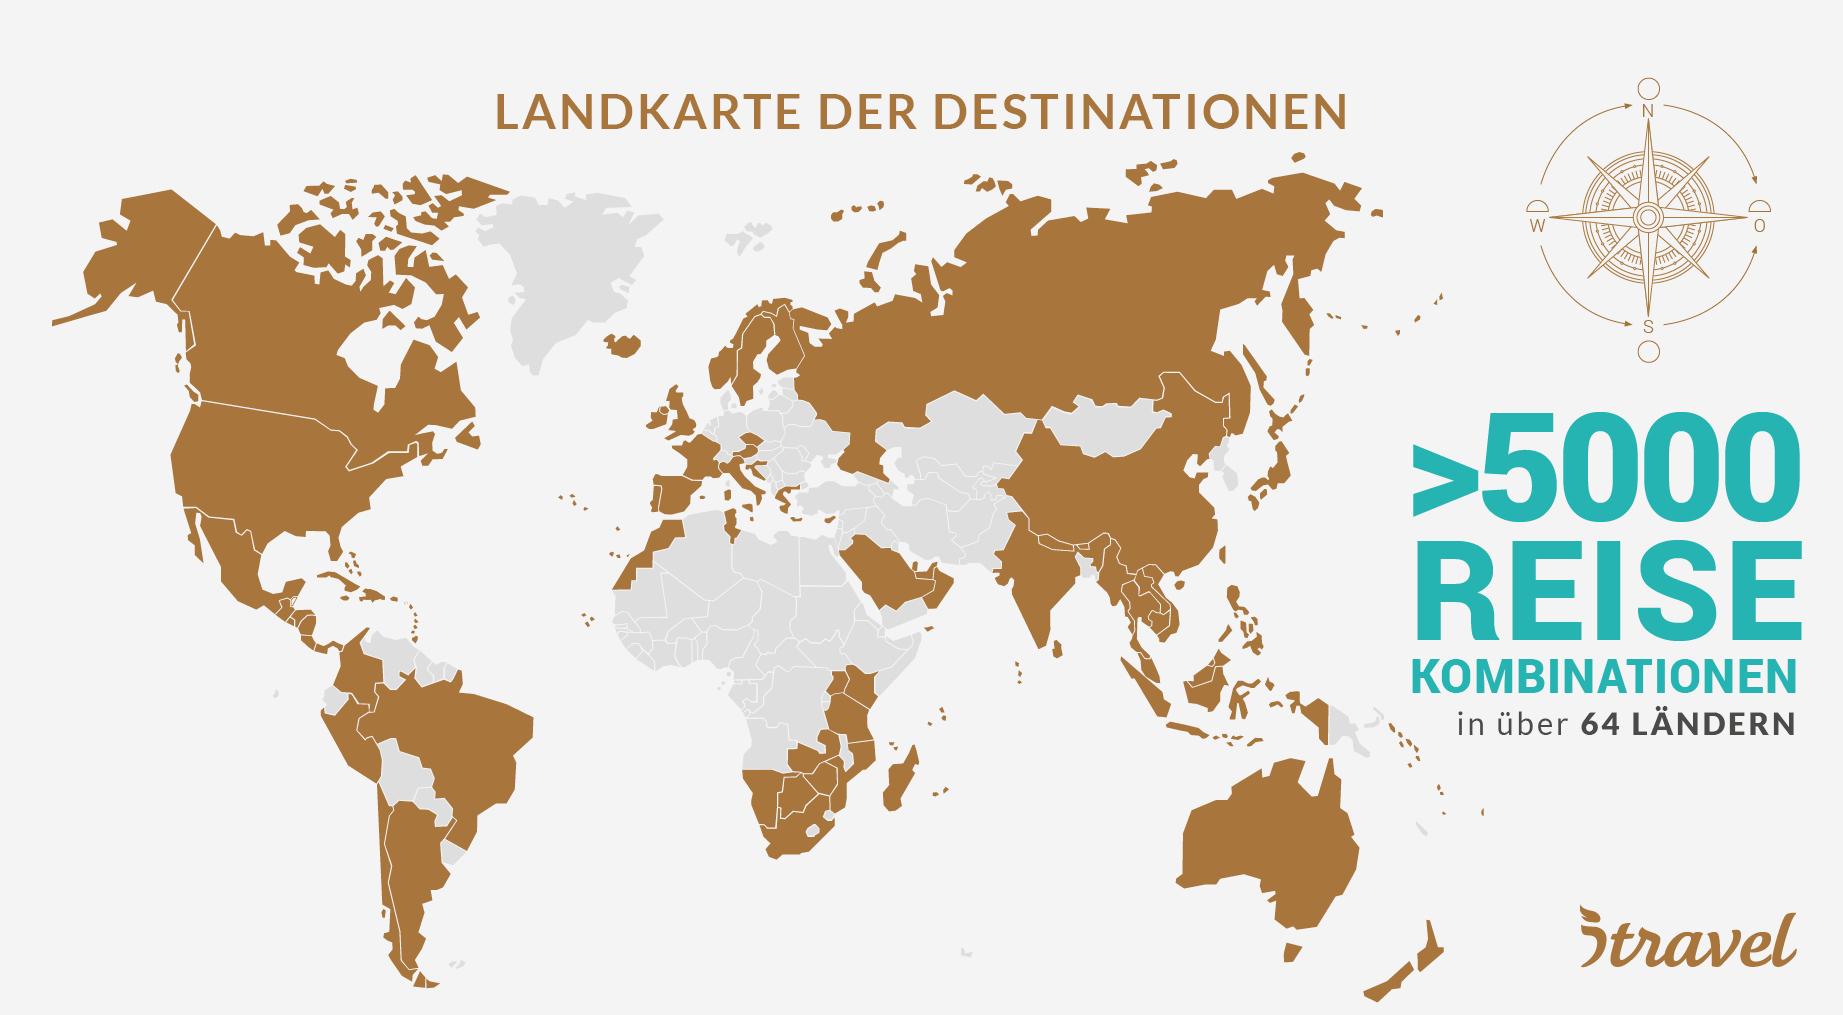 Landkarte der Destinationen